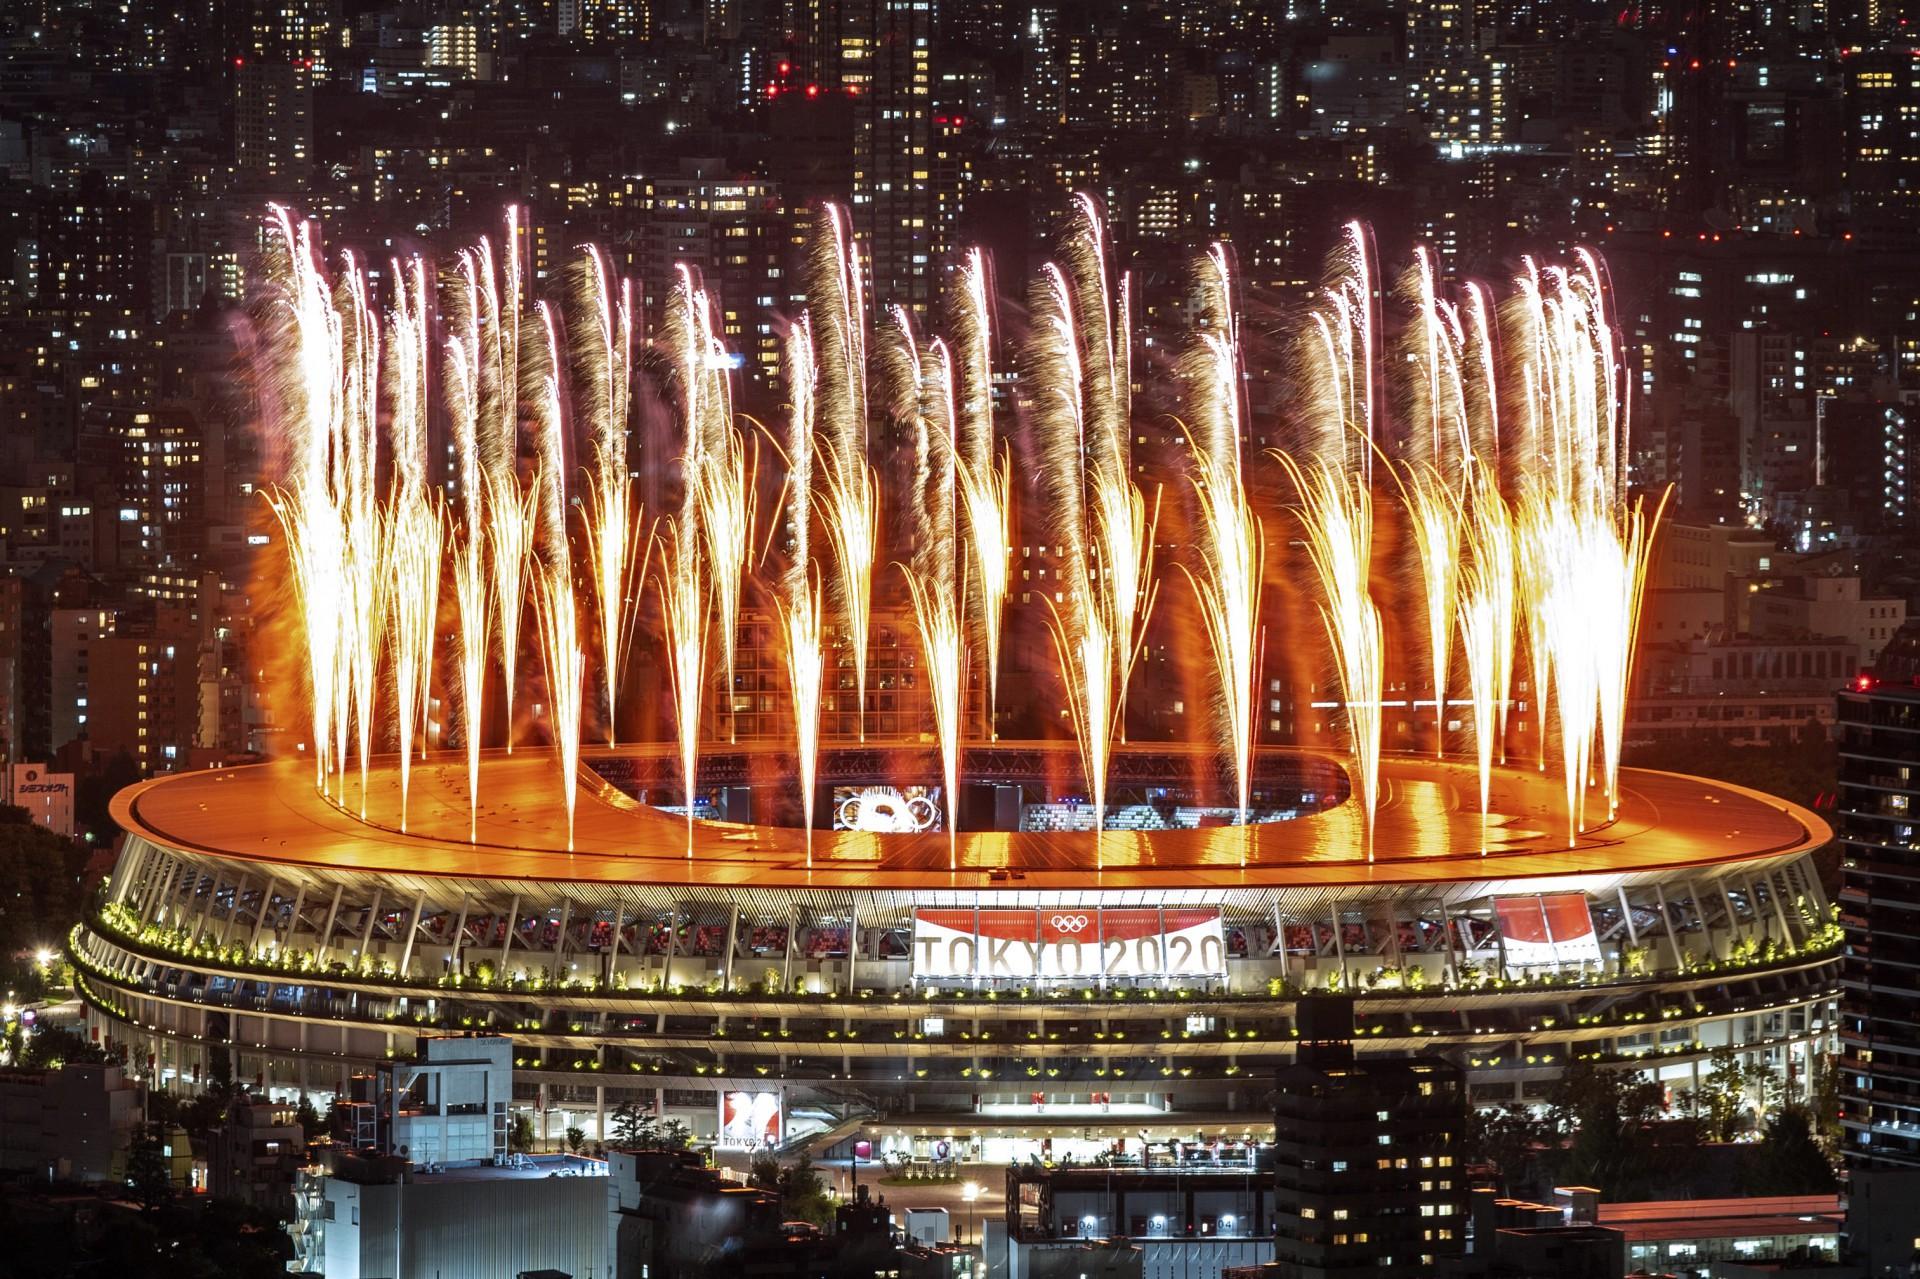 Fogos de artifício iluminam o céu sobre o Estádio Olímpico durante a cerimônia de abertura dos Jogos Olímpicos de Tóquio 2020, em Tóquio, em 23 de julho de 2021. (Foto de Charly TRIBALLEAU / AFP) (Foto: Charly  TRIBALLEAU / AFP)